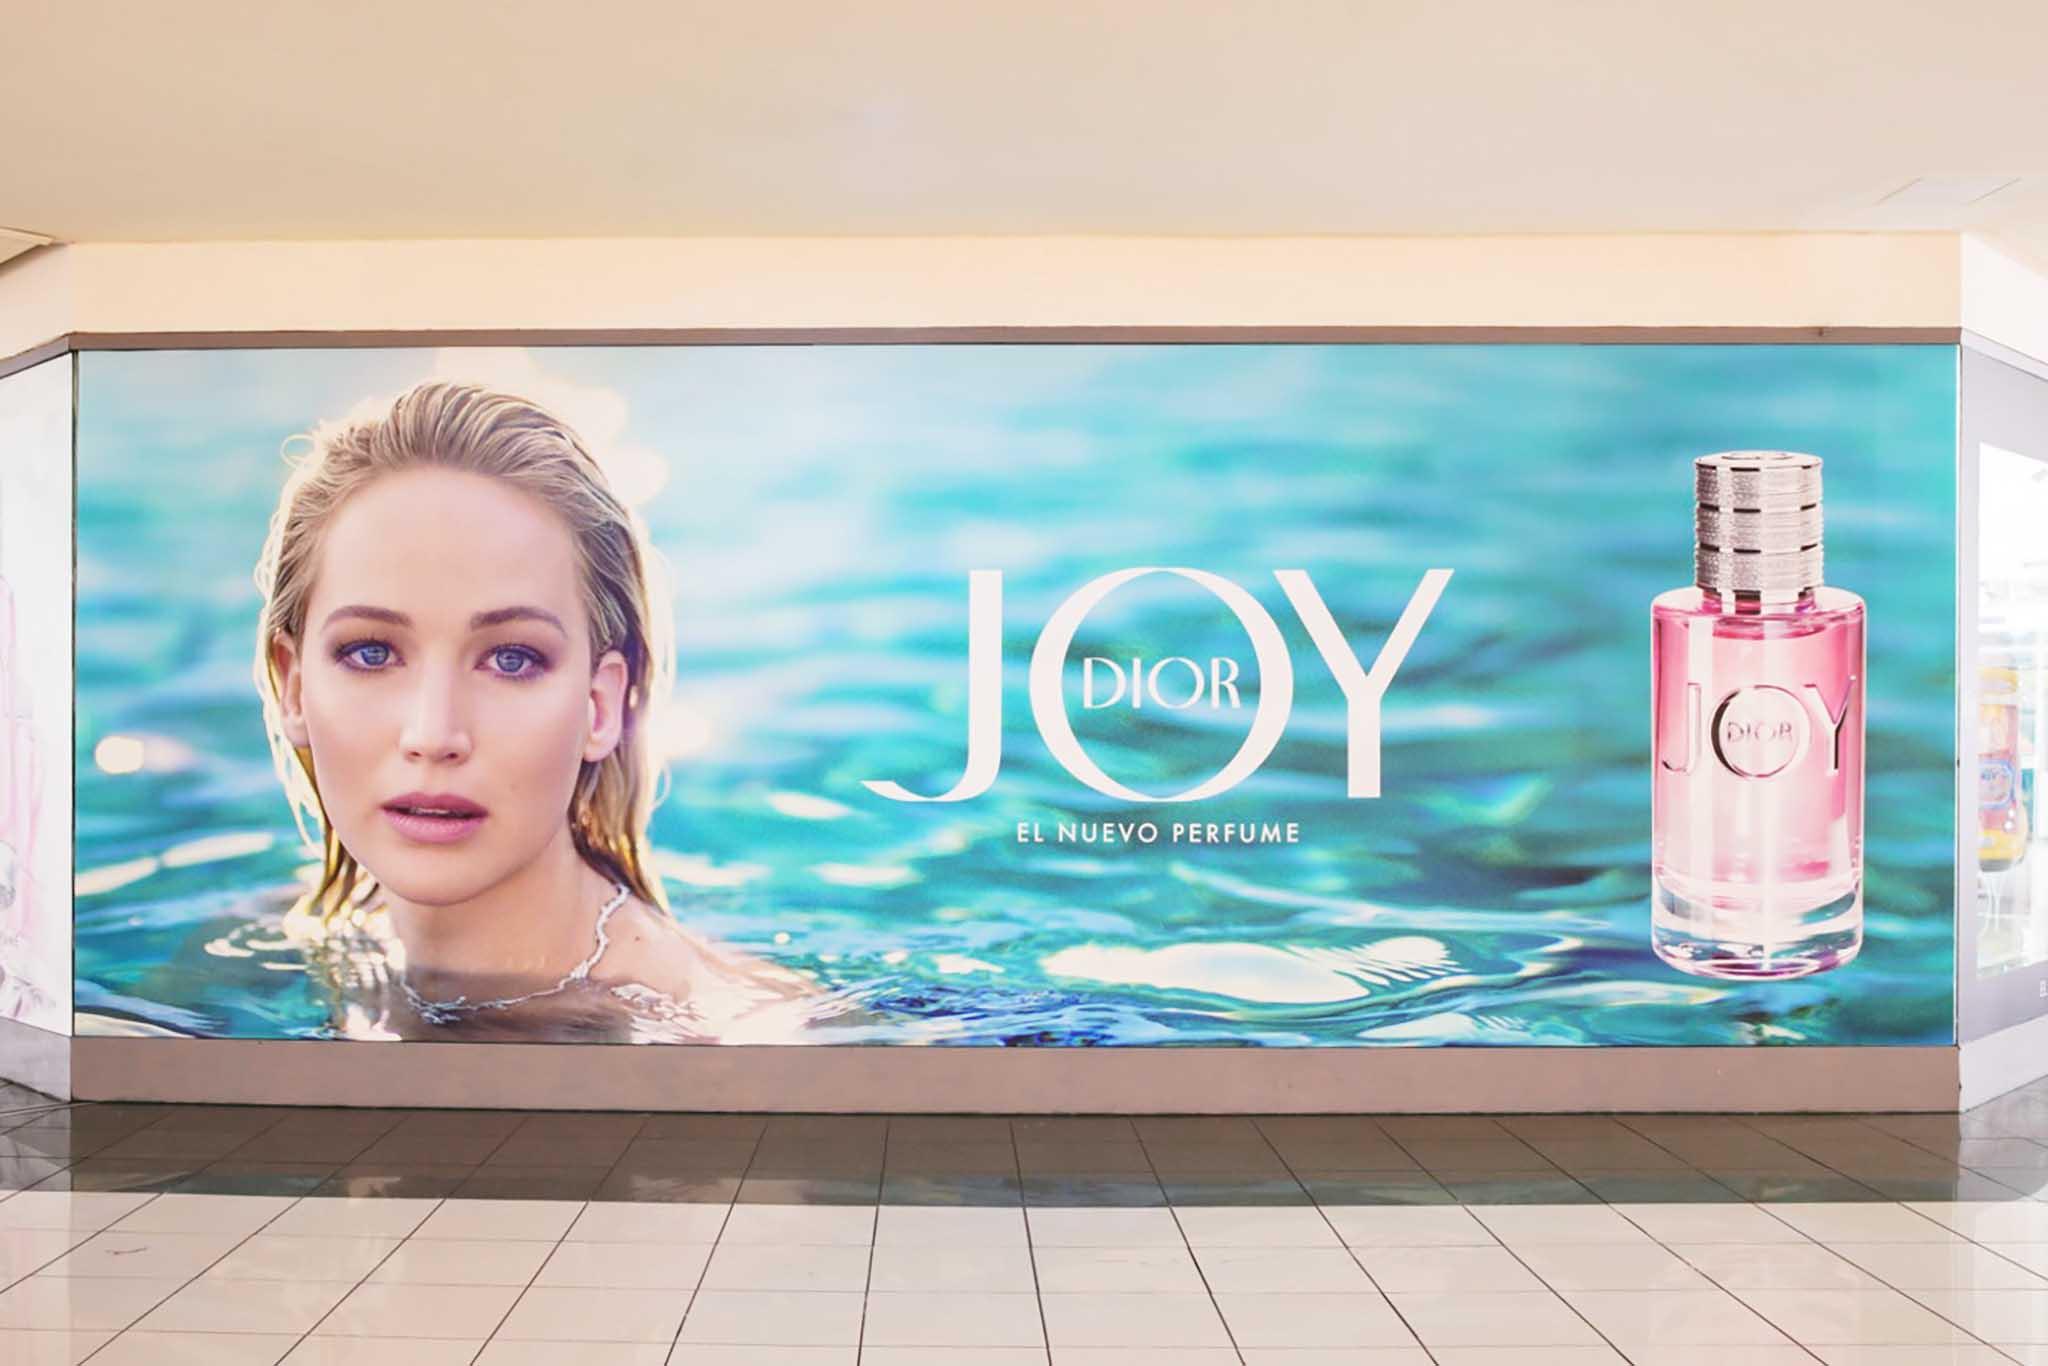 Escaparate Joy Dior imagen